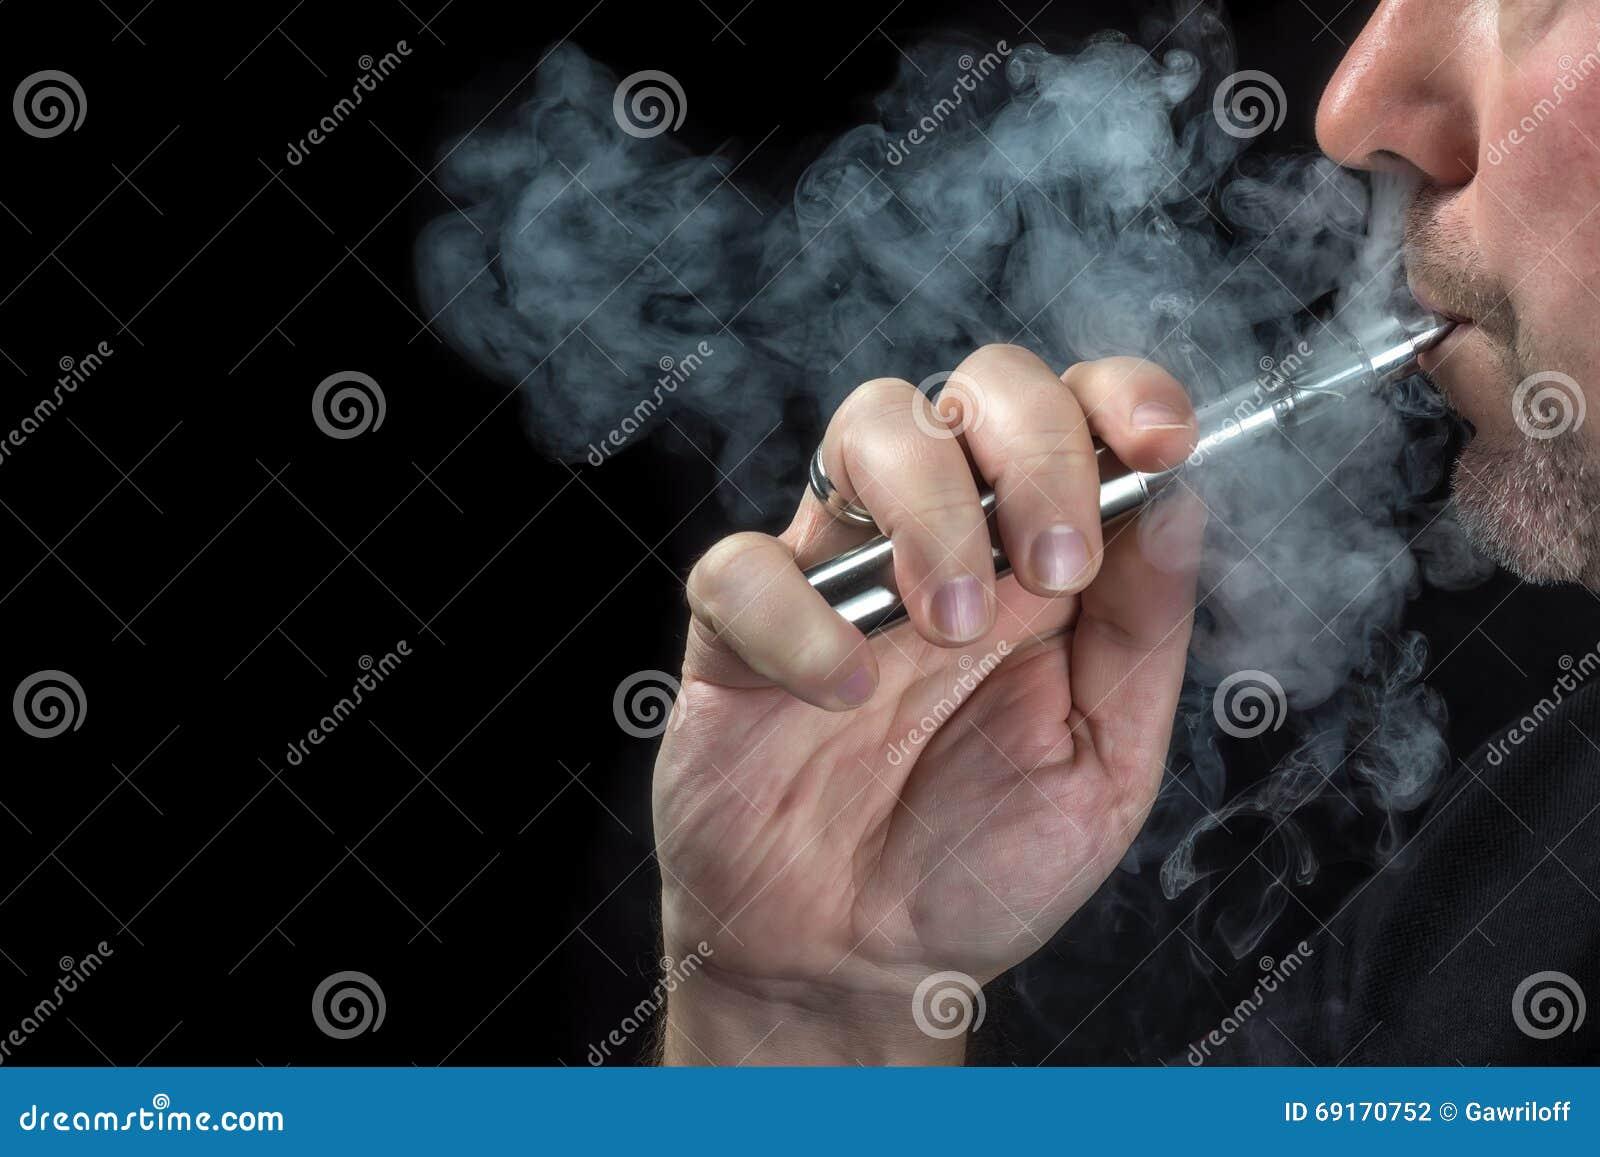 Närbild av en man som vaping en elektronisk cigarett